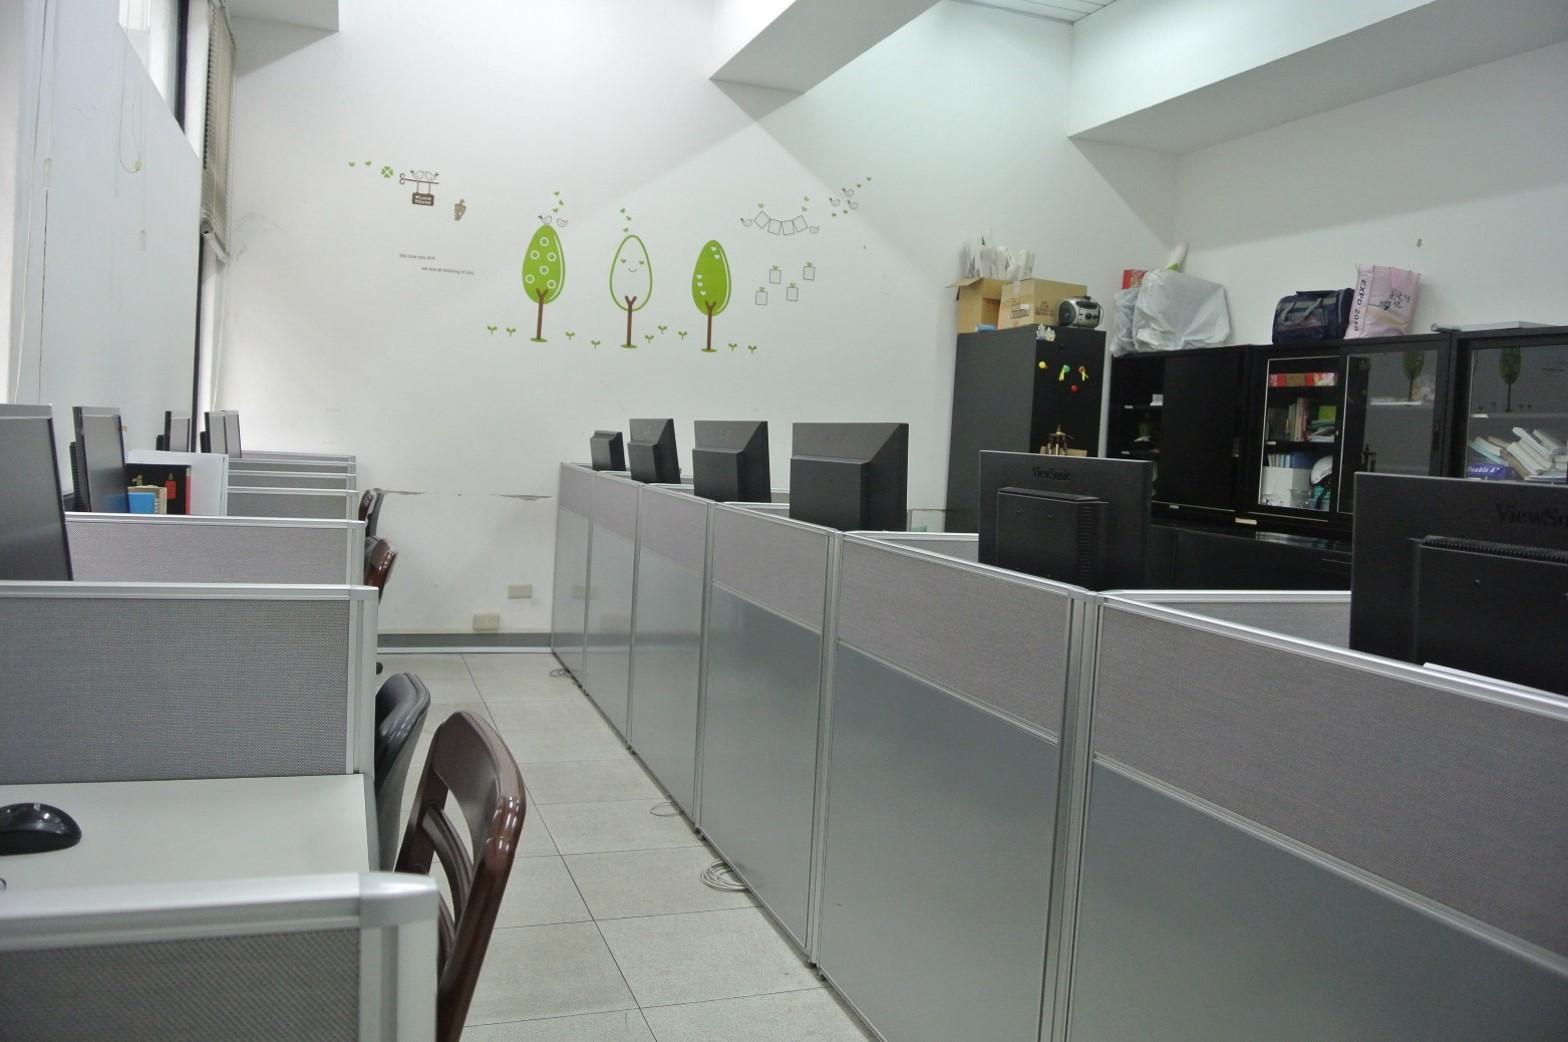 這是中語系碩士研究生專屬的研究室